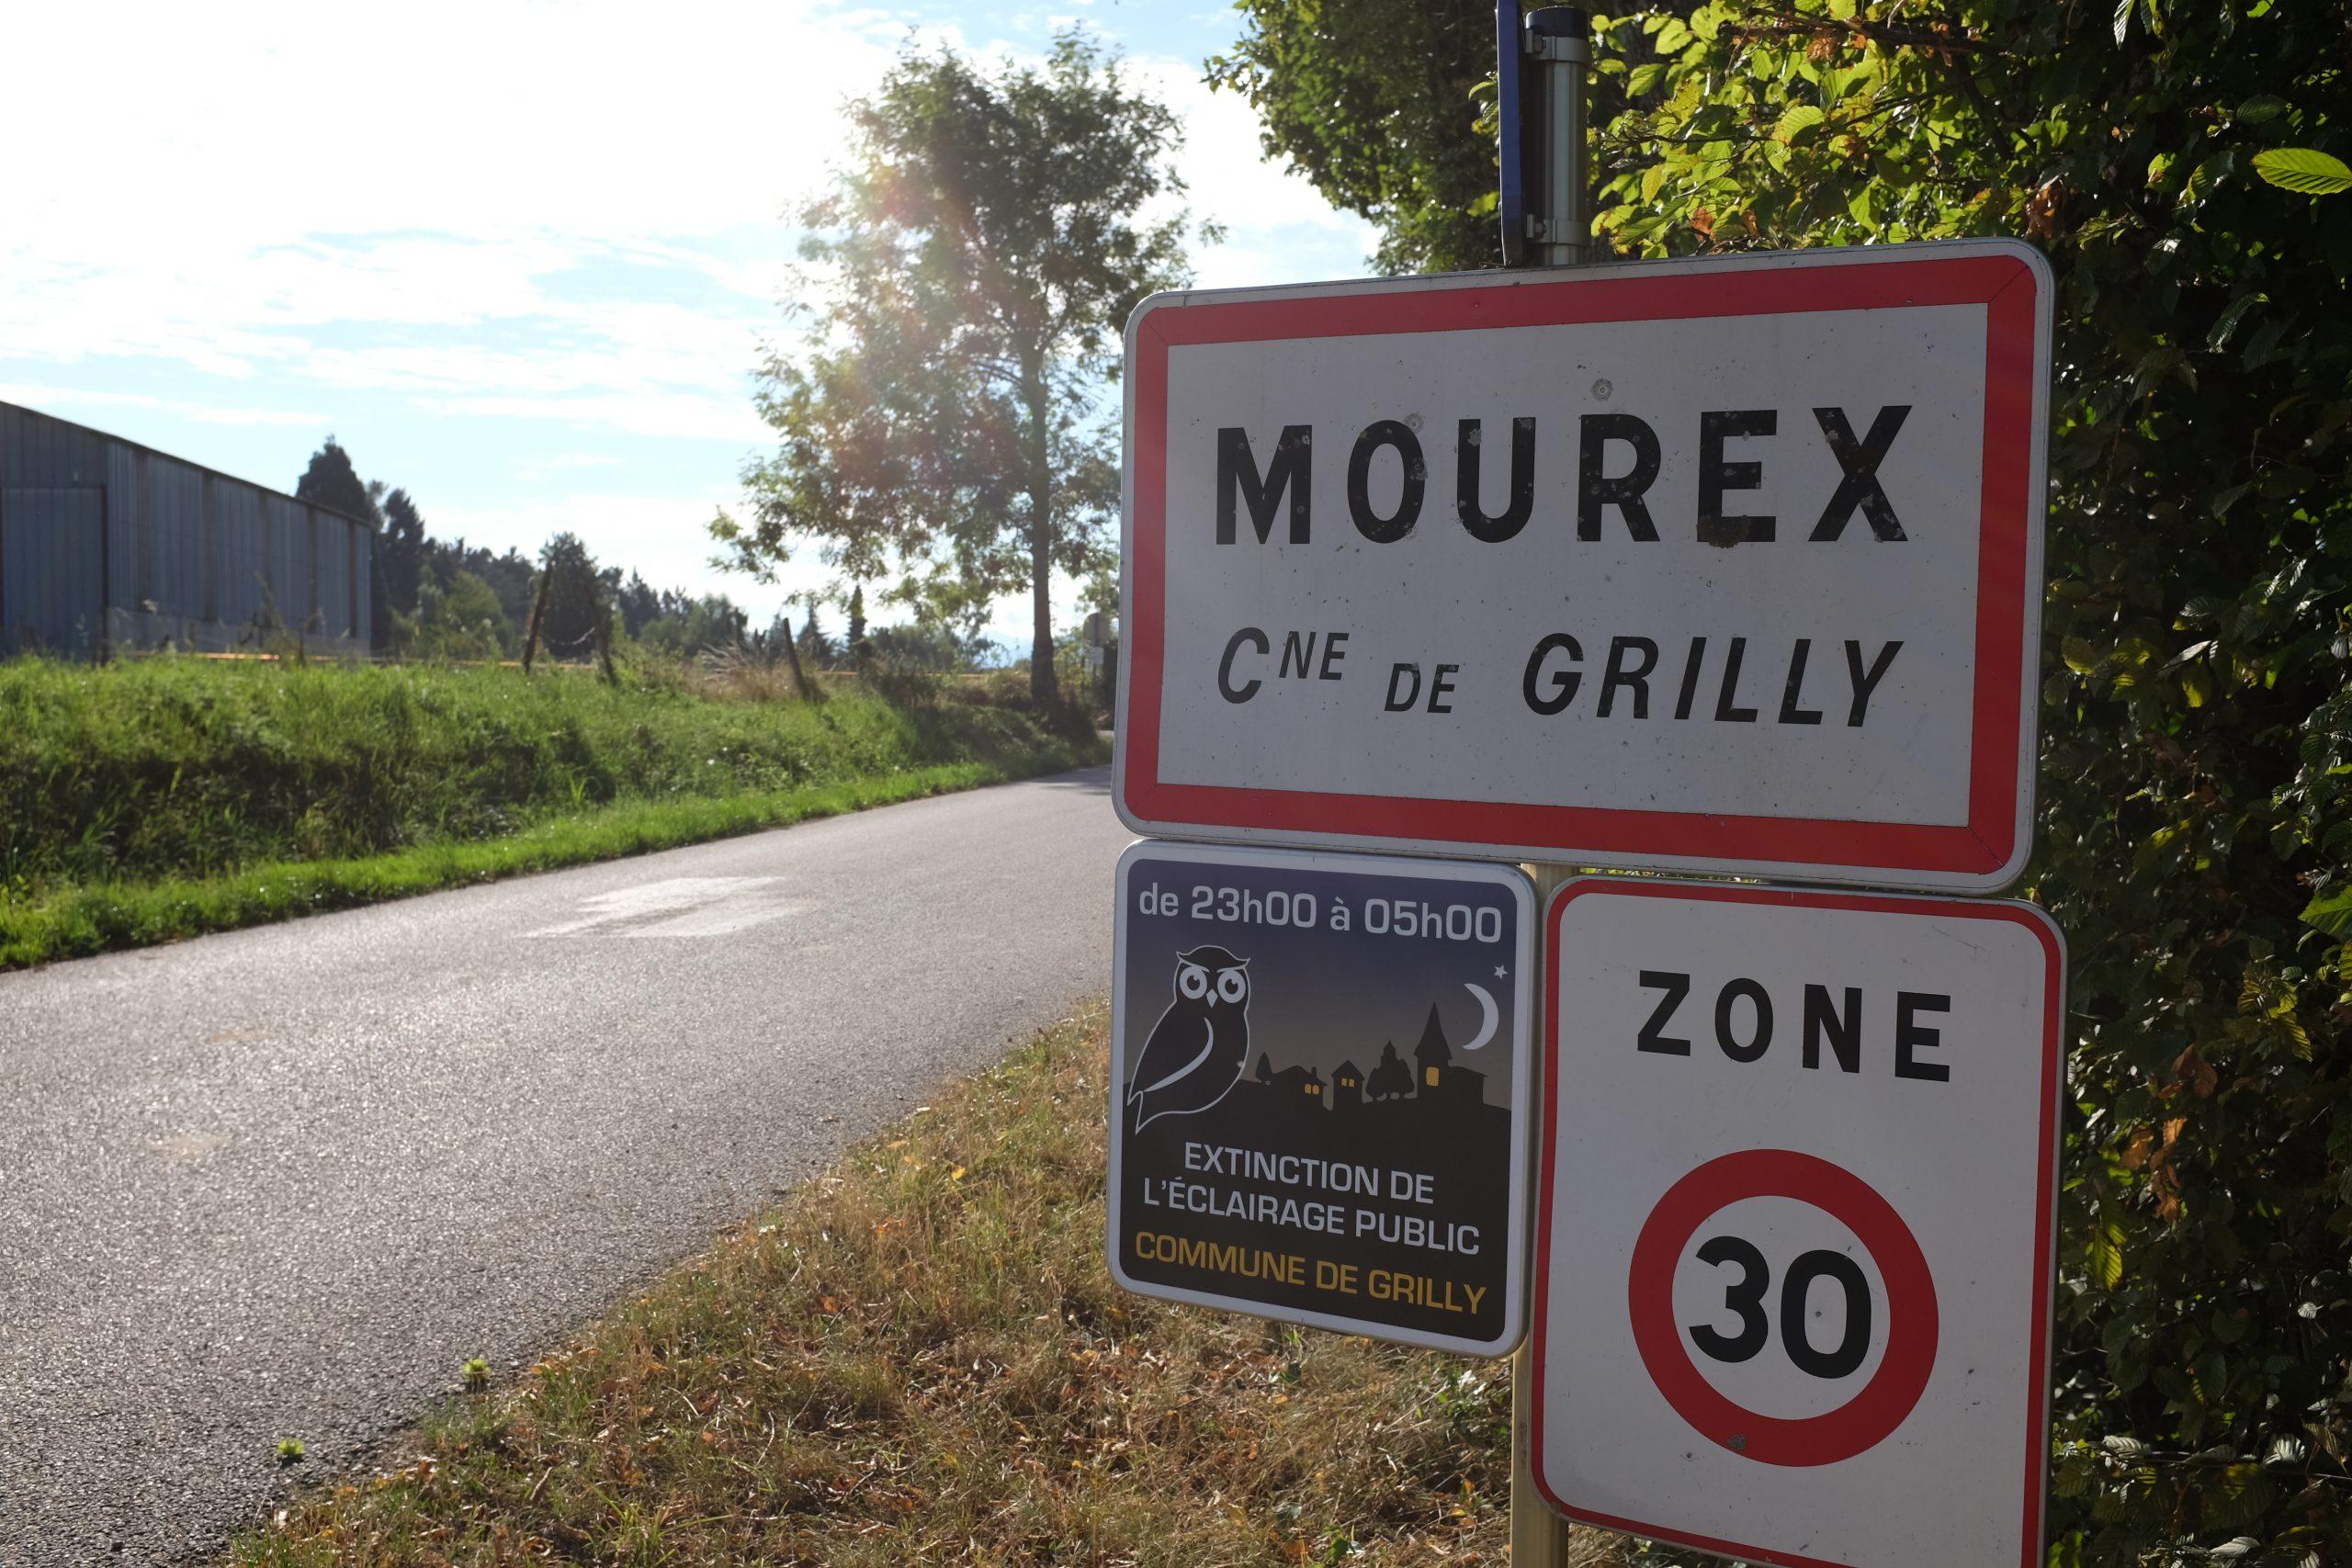 Mourex